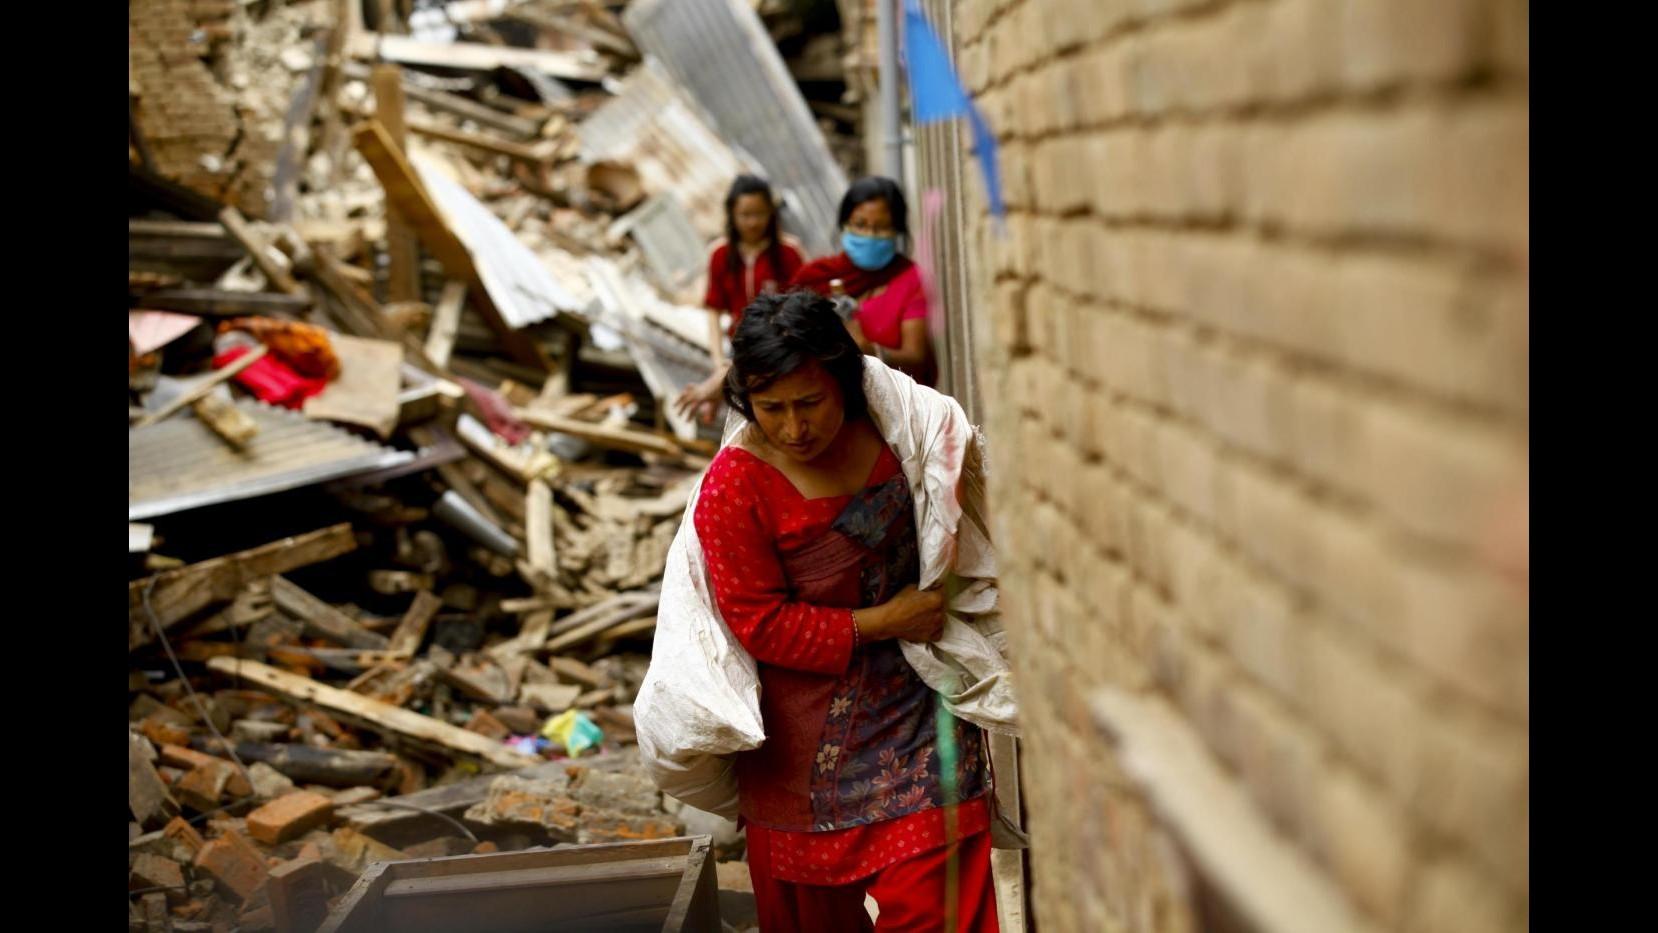 Sisma Nepal, Unicef avverte: Rischio che aumenti traffico bambini